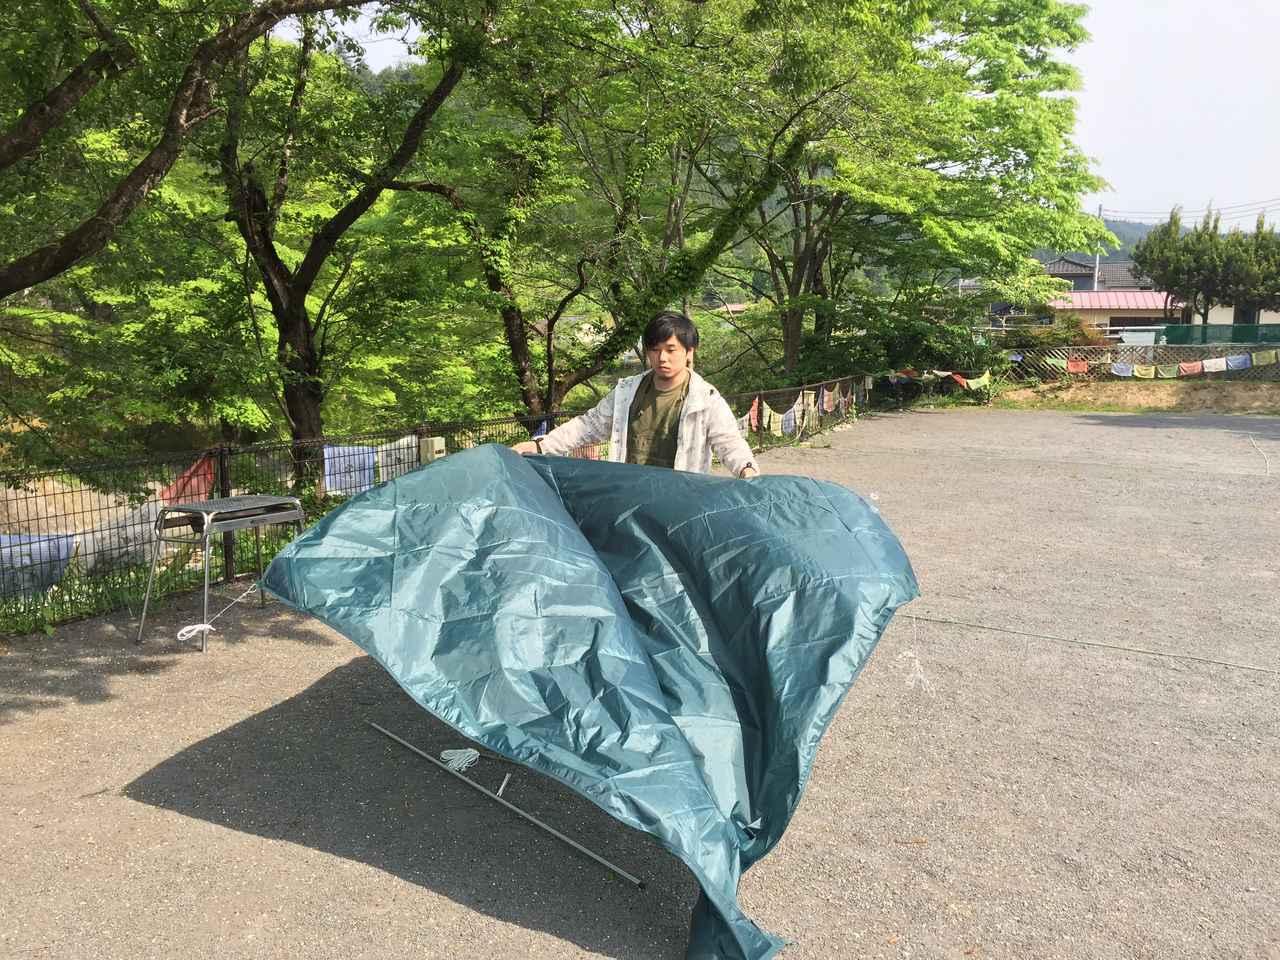 画像: 初心者が挑む『ガチキャンPart 2』~人生初のタープ設営挑戦! - ハピキャン(HAPPY CAMPER)